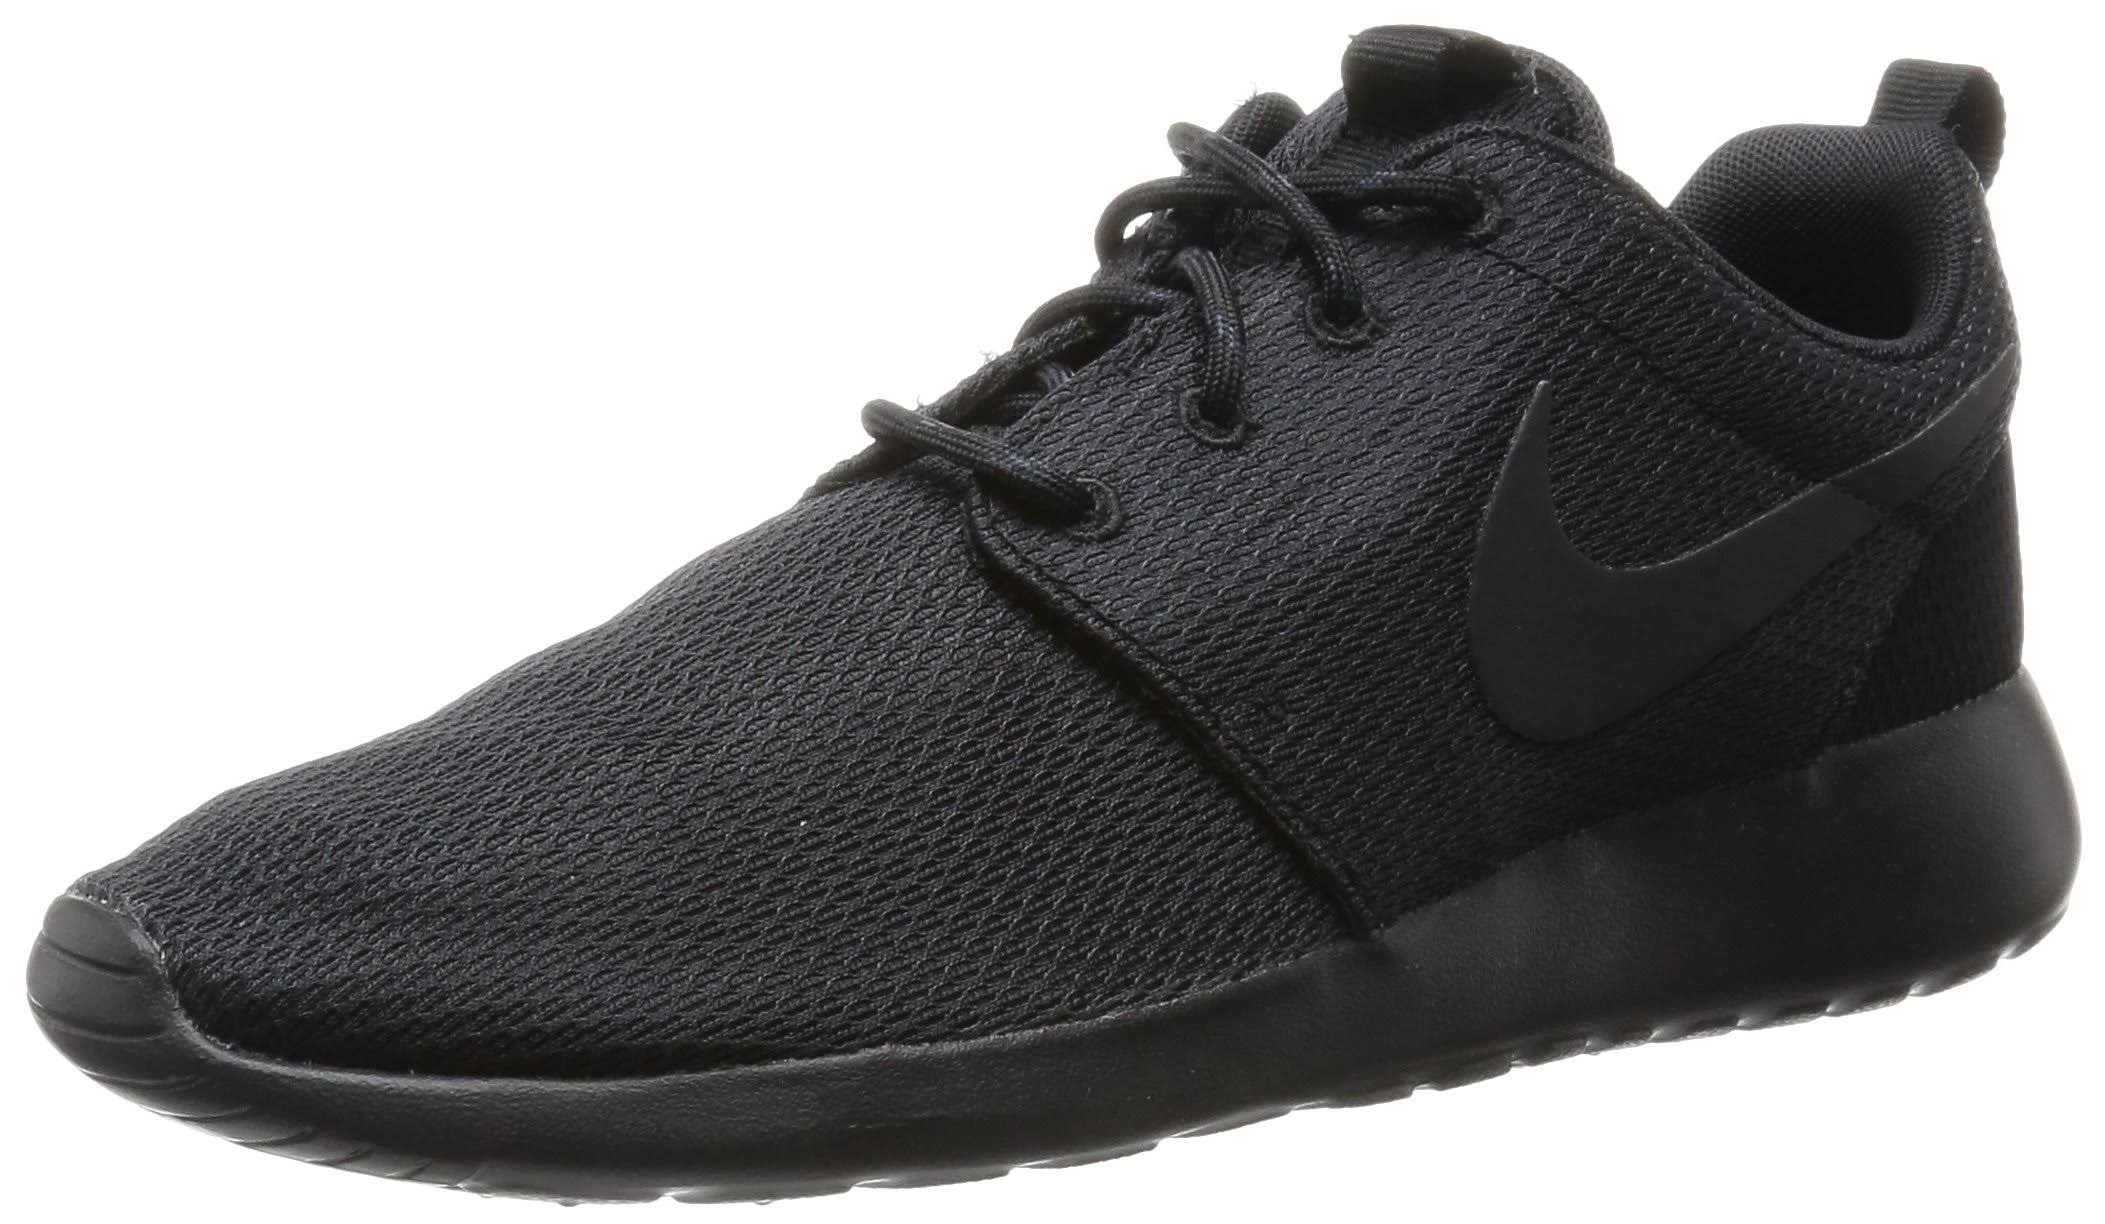 Roshe Buty Nike Biegania Do Antracytowe Damskie One Czarne Hx4PBq61